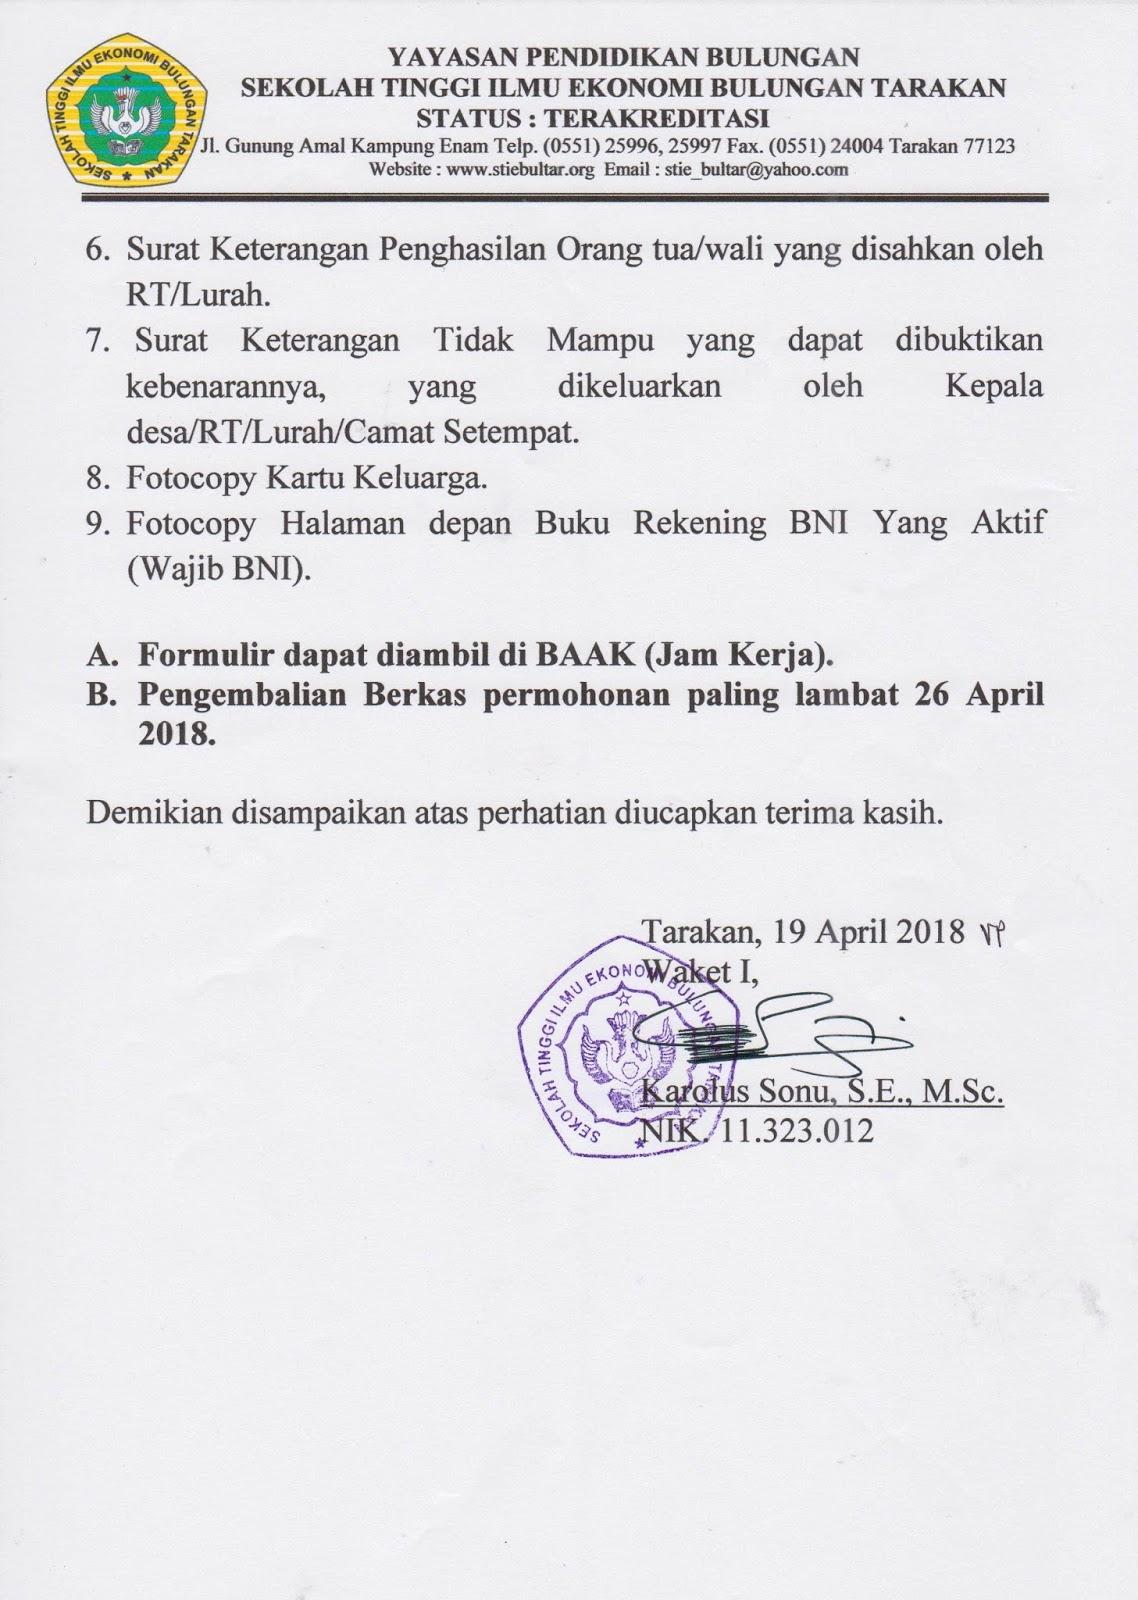 Contoh Surat Pernyataan Tidak Mampu Dari Orang Tua ...